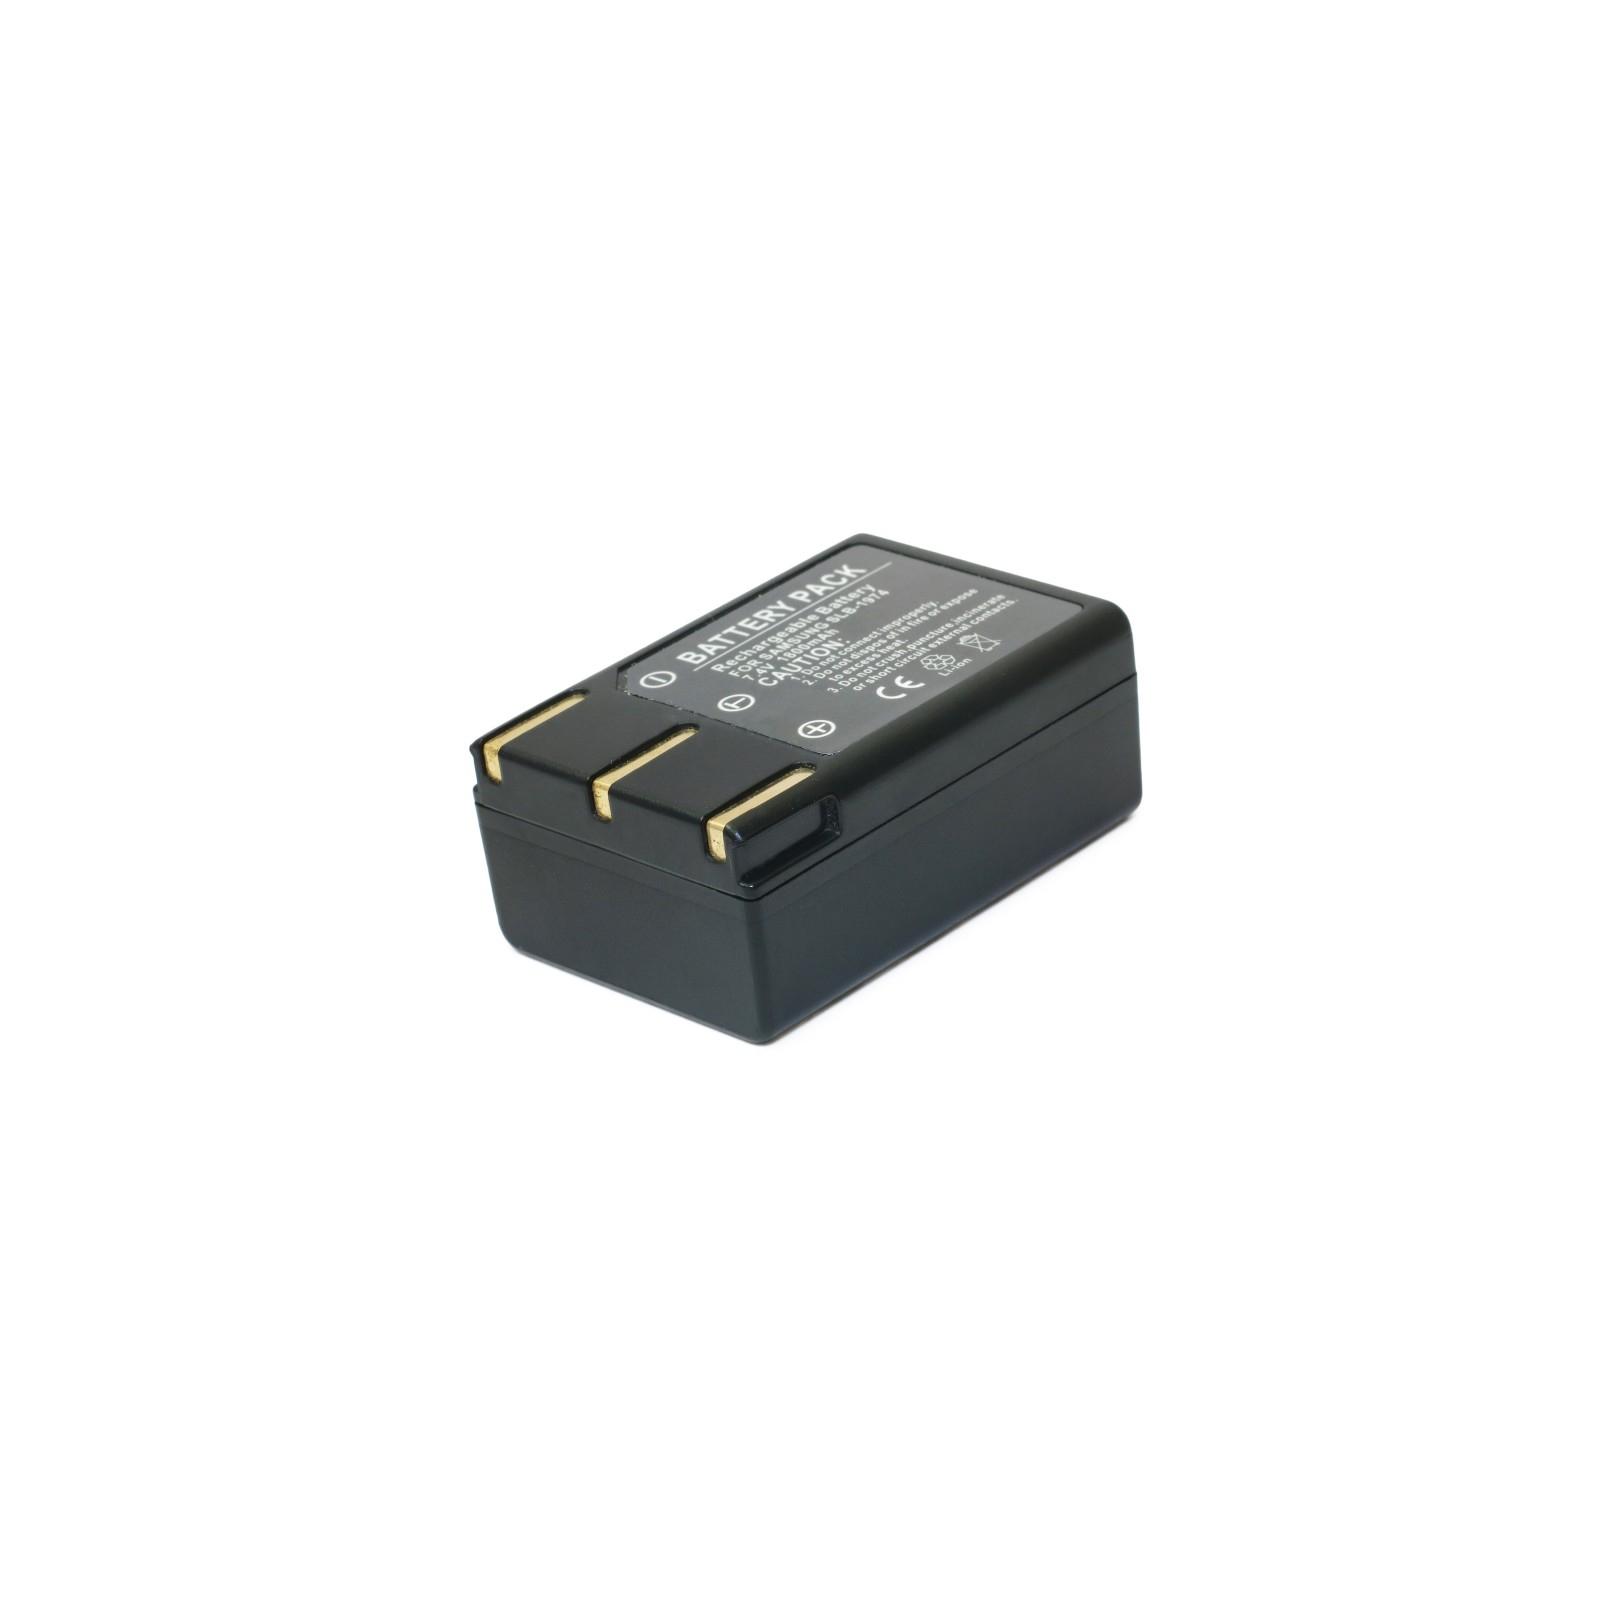 Аккумулятор к фото/видео EXTRADIGITAL Samsung SLB-1974 (DV00DV1107) изображение 5